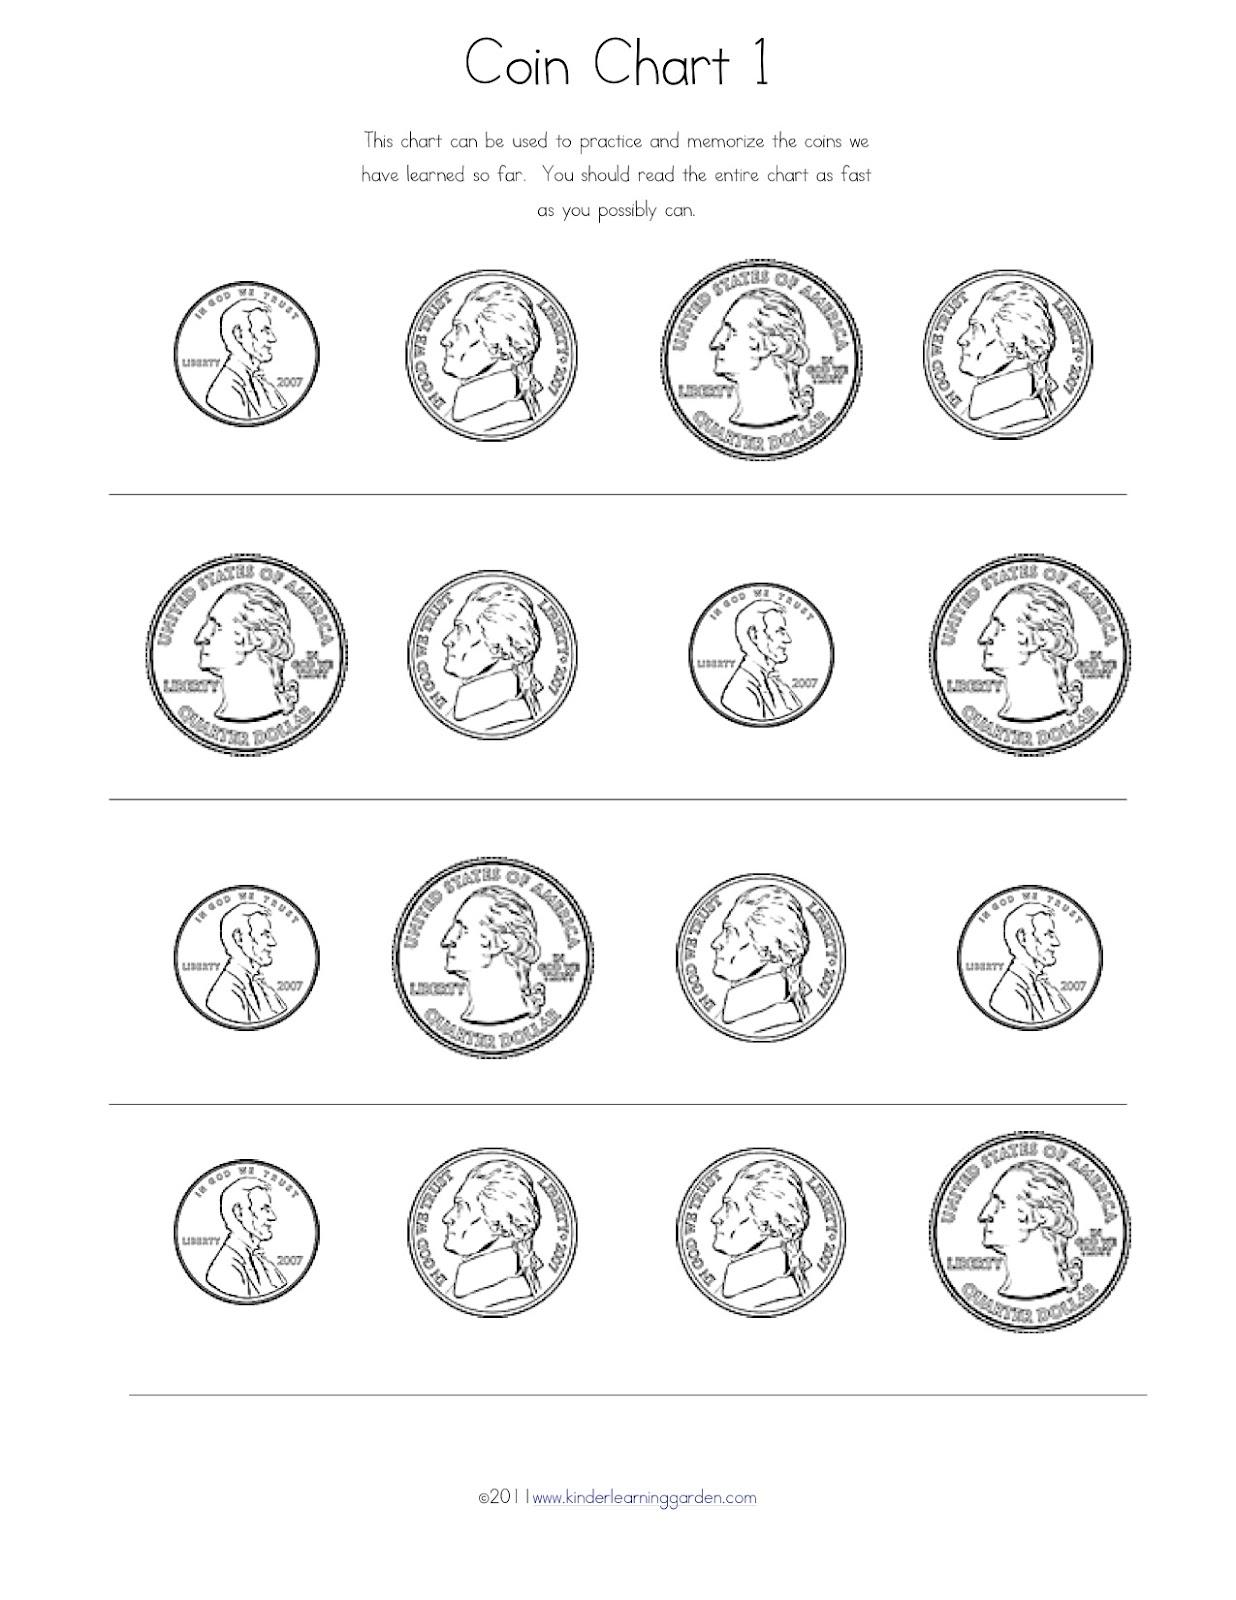 Kinder Learning Garden: Money Money Money!